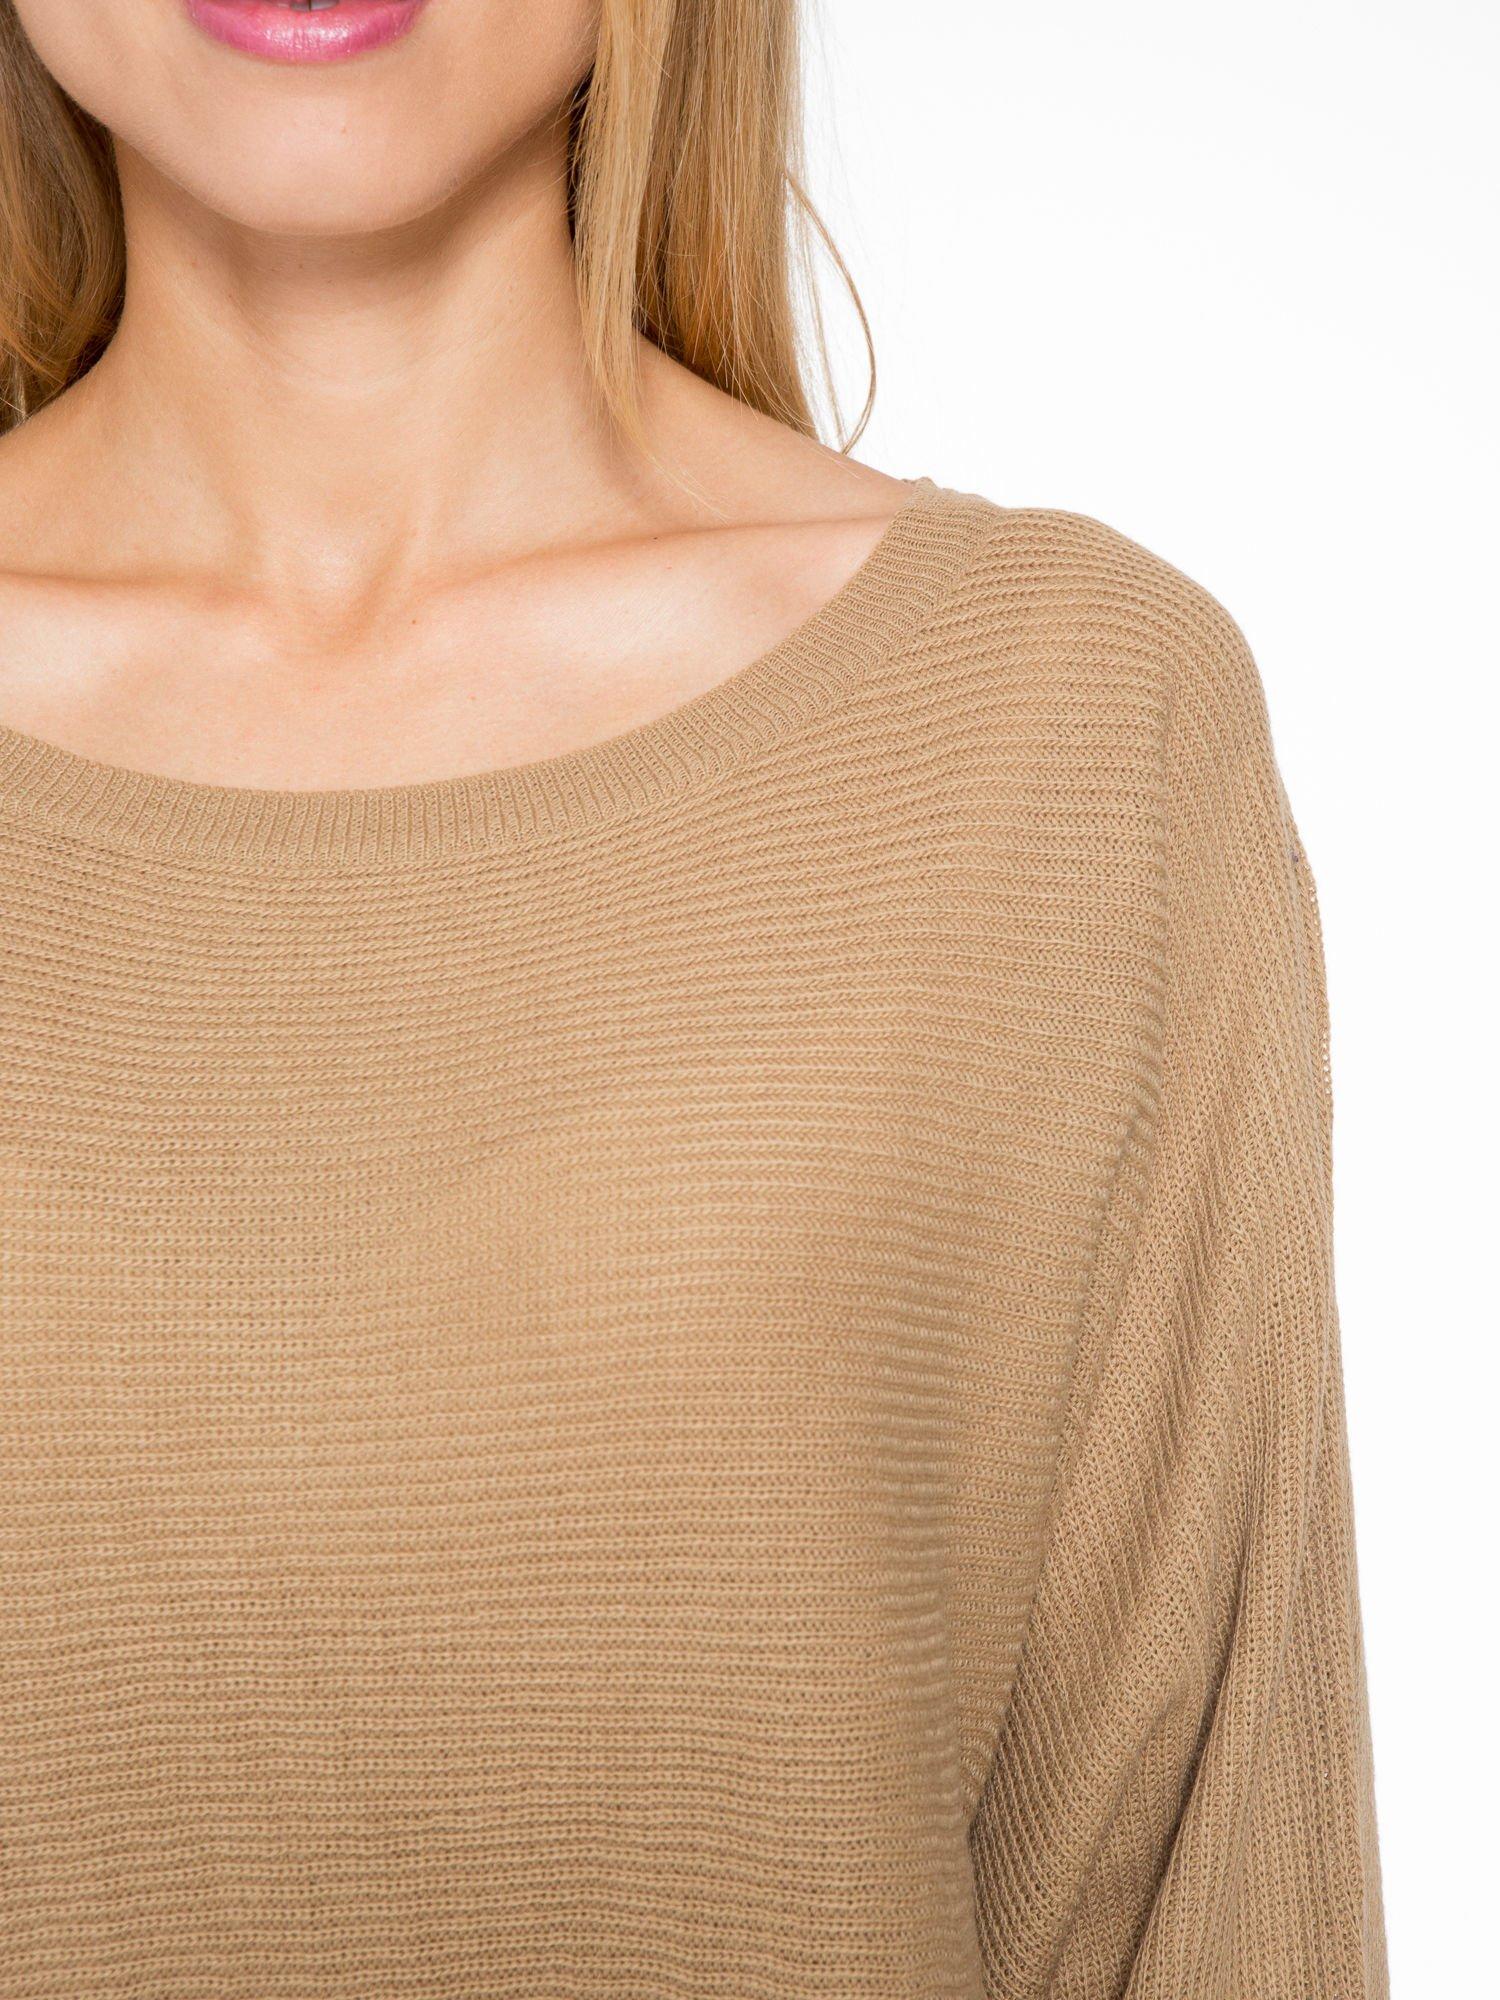 Ciemnobeżowy sweter z nietoperzowymi rękawami                                  zdj.                                  5